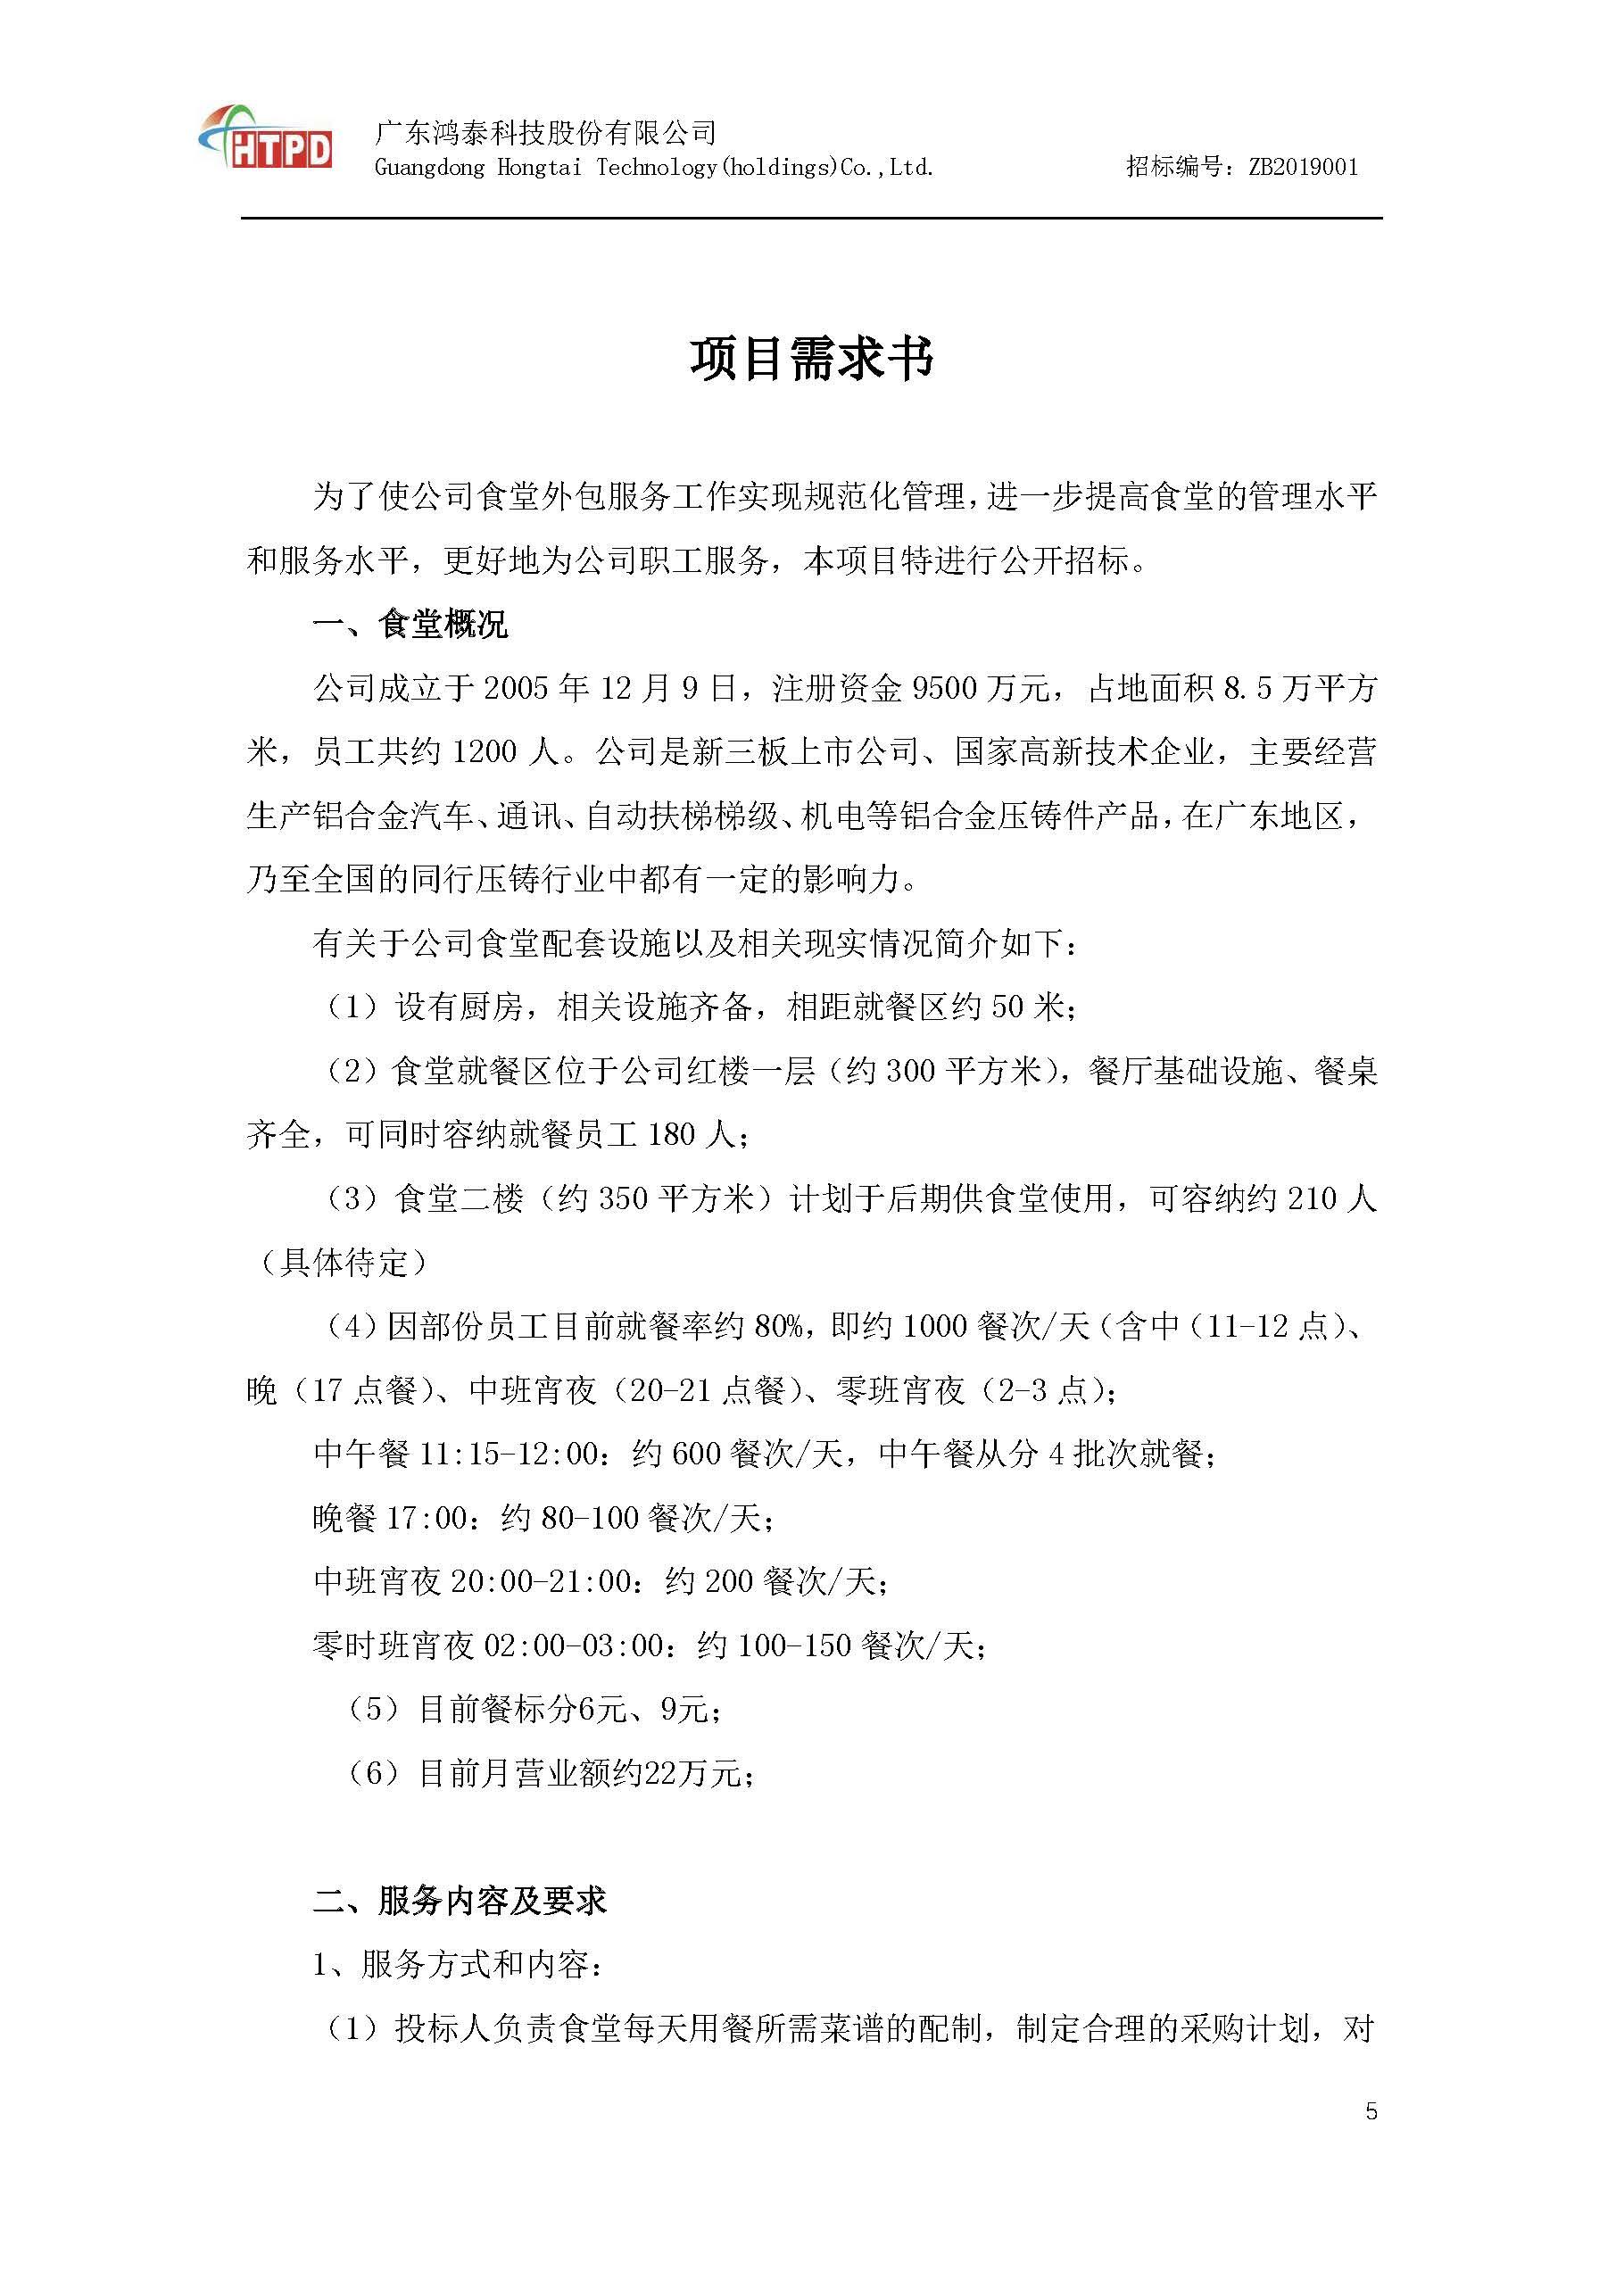 公开招标员工食堂承包经营项目公告(2)(1)_页面_5.jpg